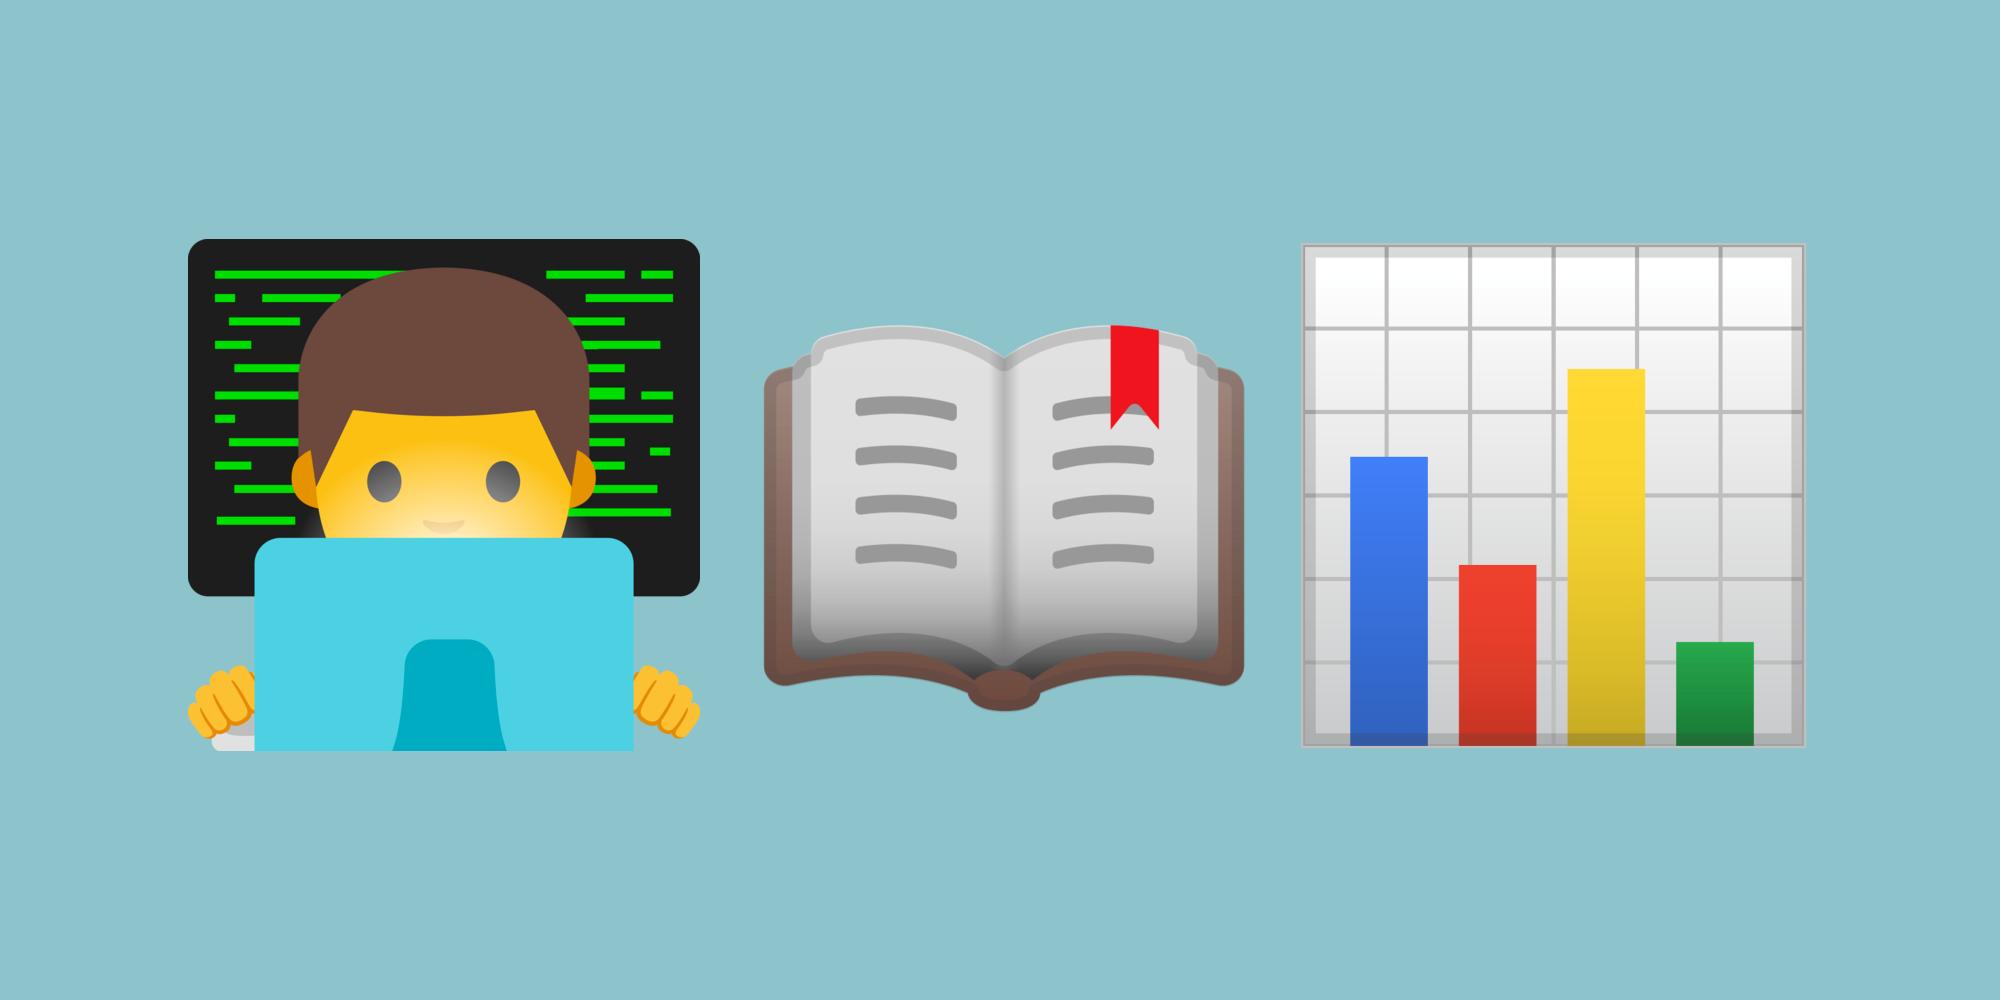 📖 Data Science с нуля: обзор книг и видеокурсов для начинающих